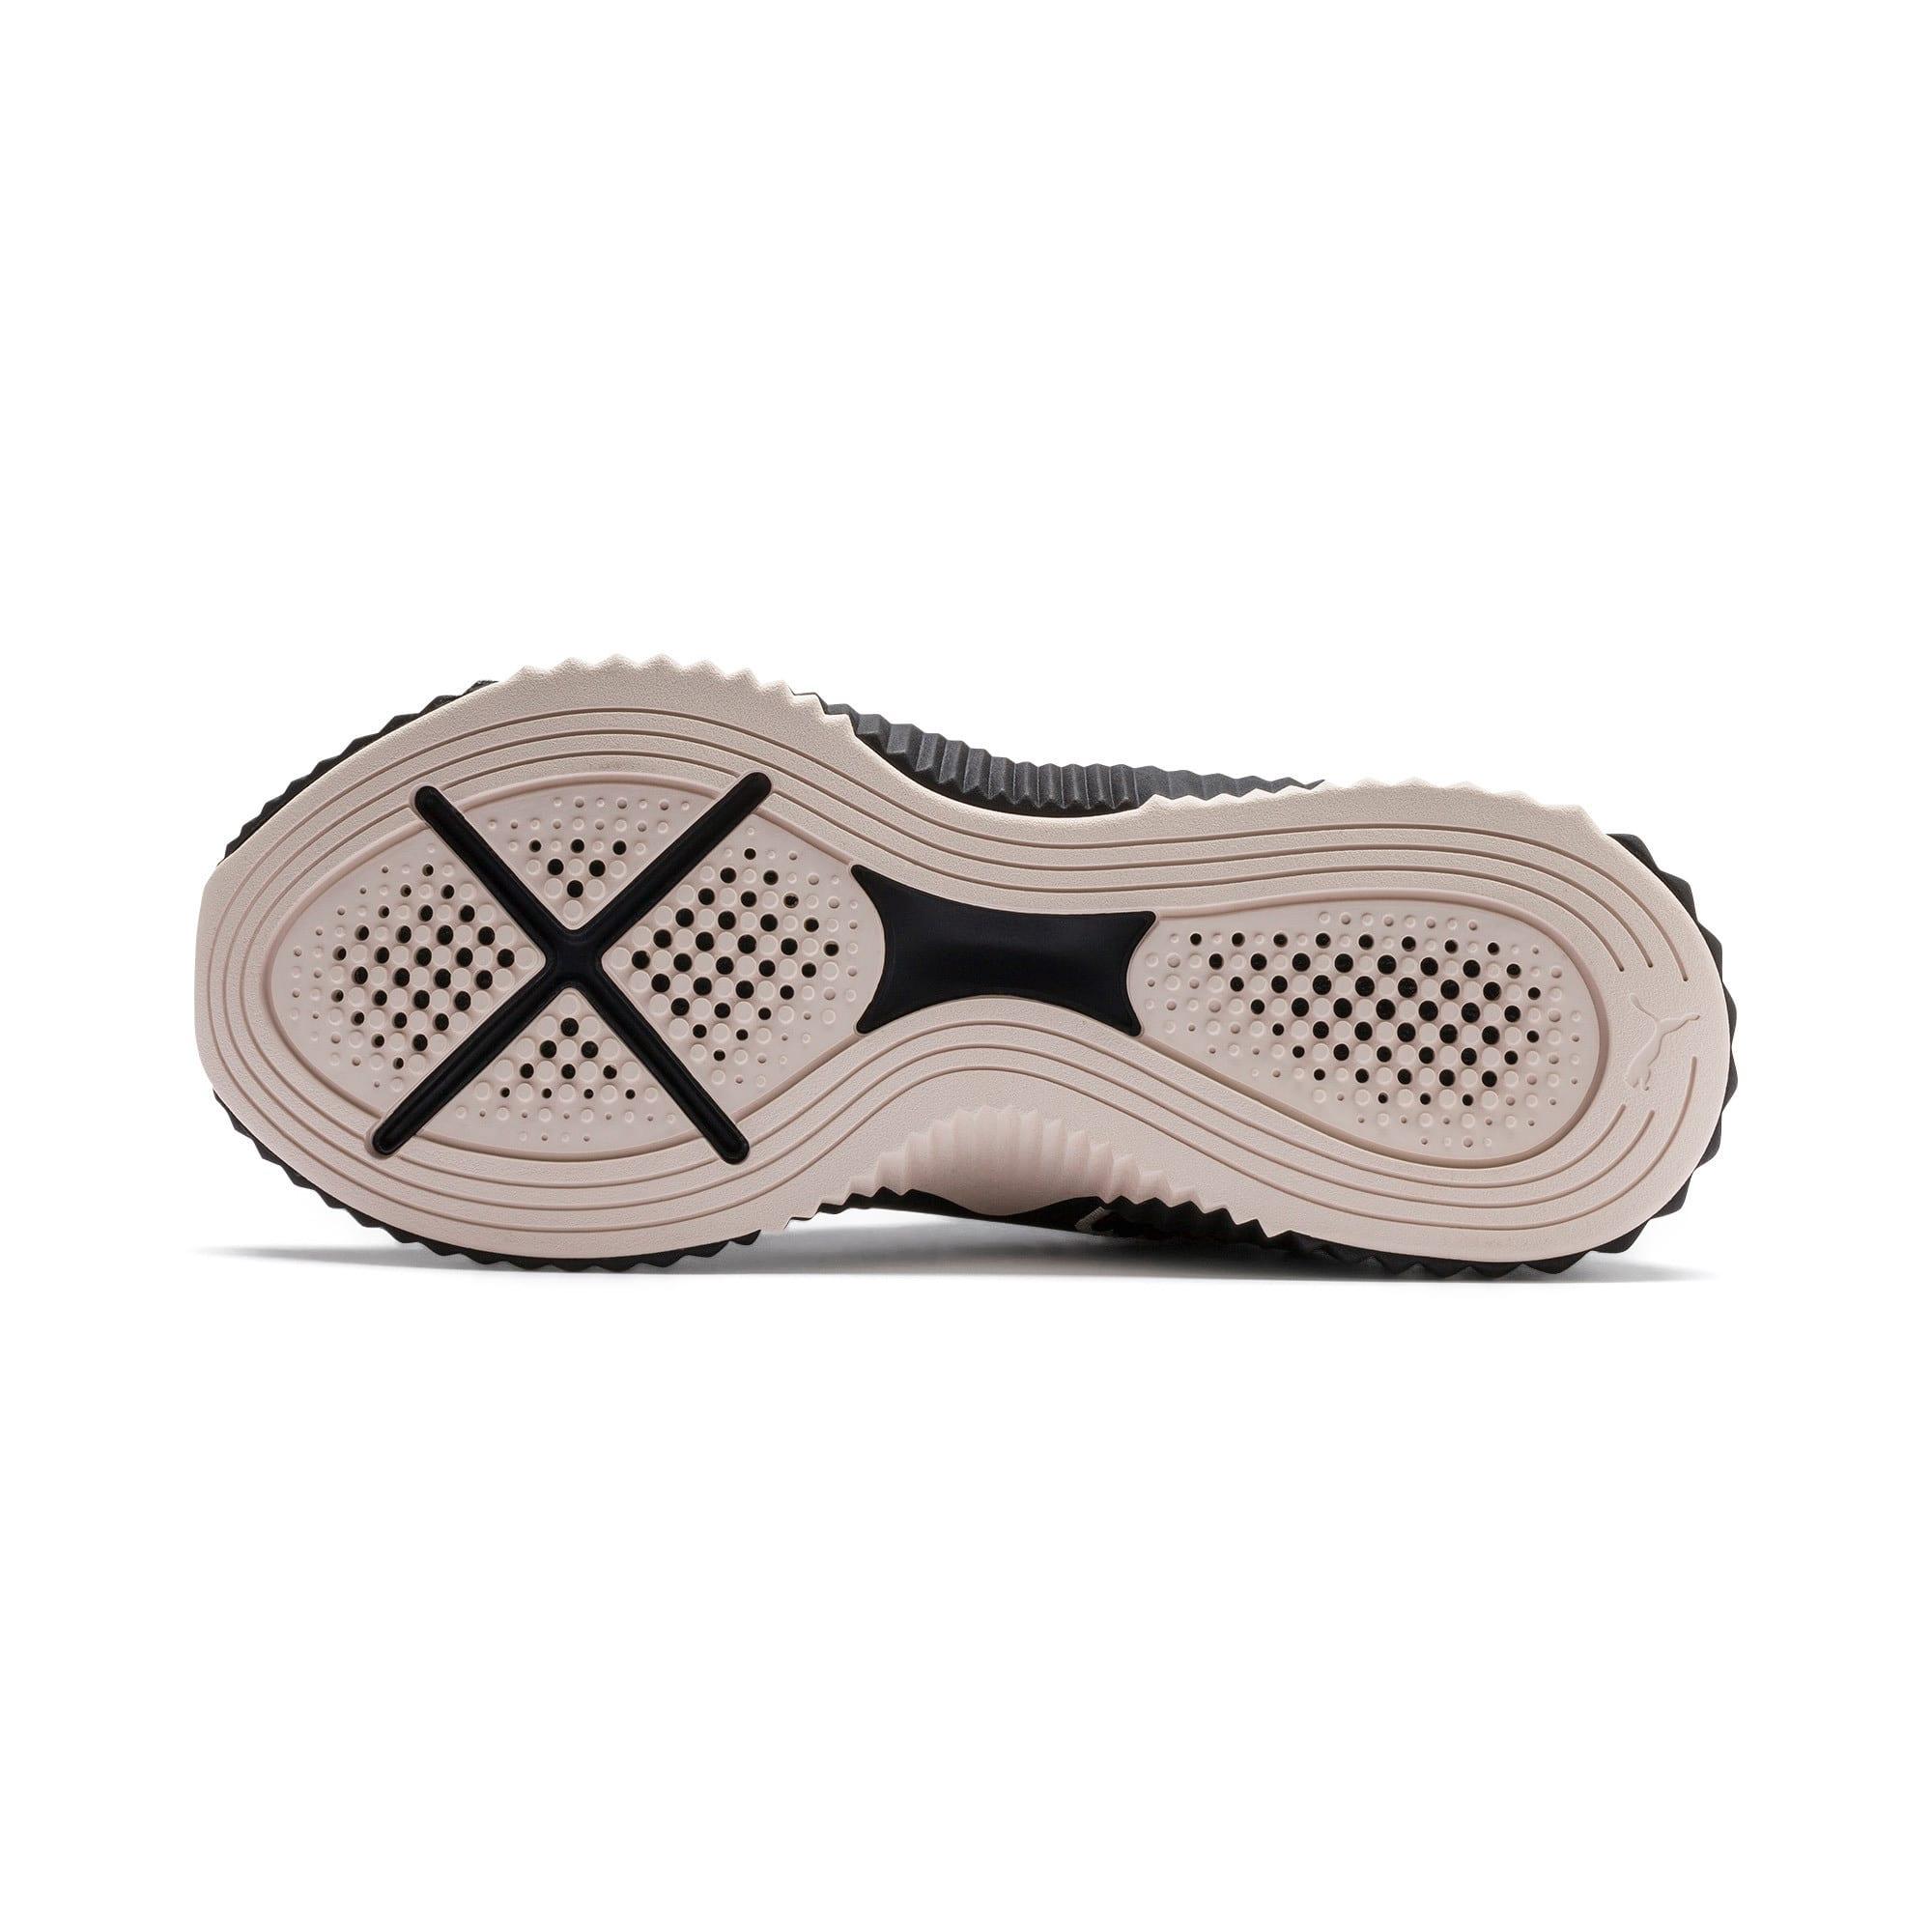 Imagen en miniatura 5 de Zapatillas de mujer Defy, Puma Black-Pastel Parchment, mediana